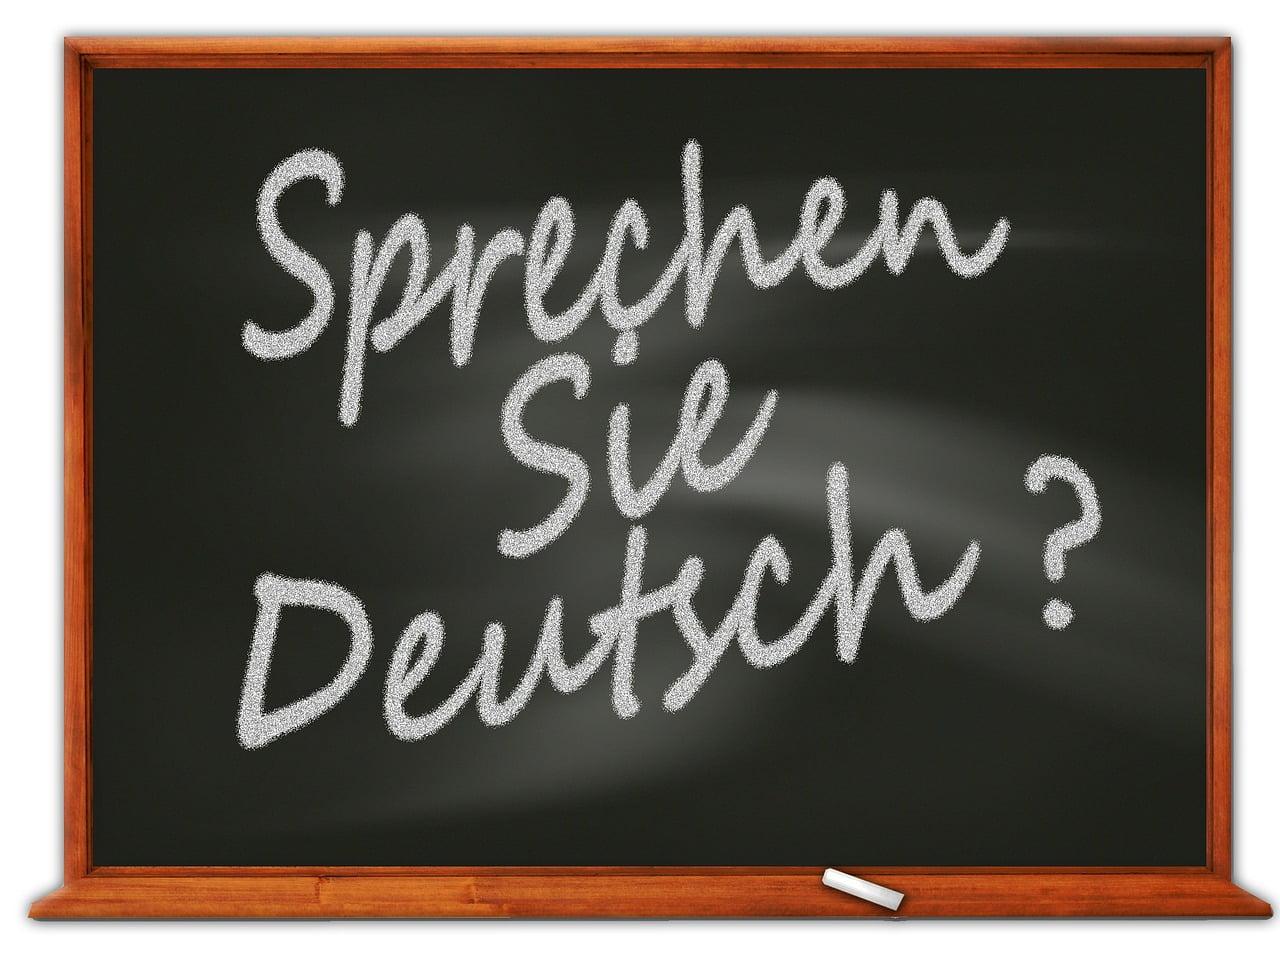 Tablica szkolna z napisem: Sprechen Sie Deutsch?